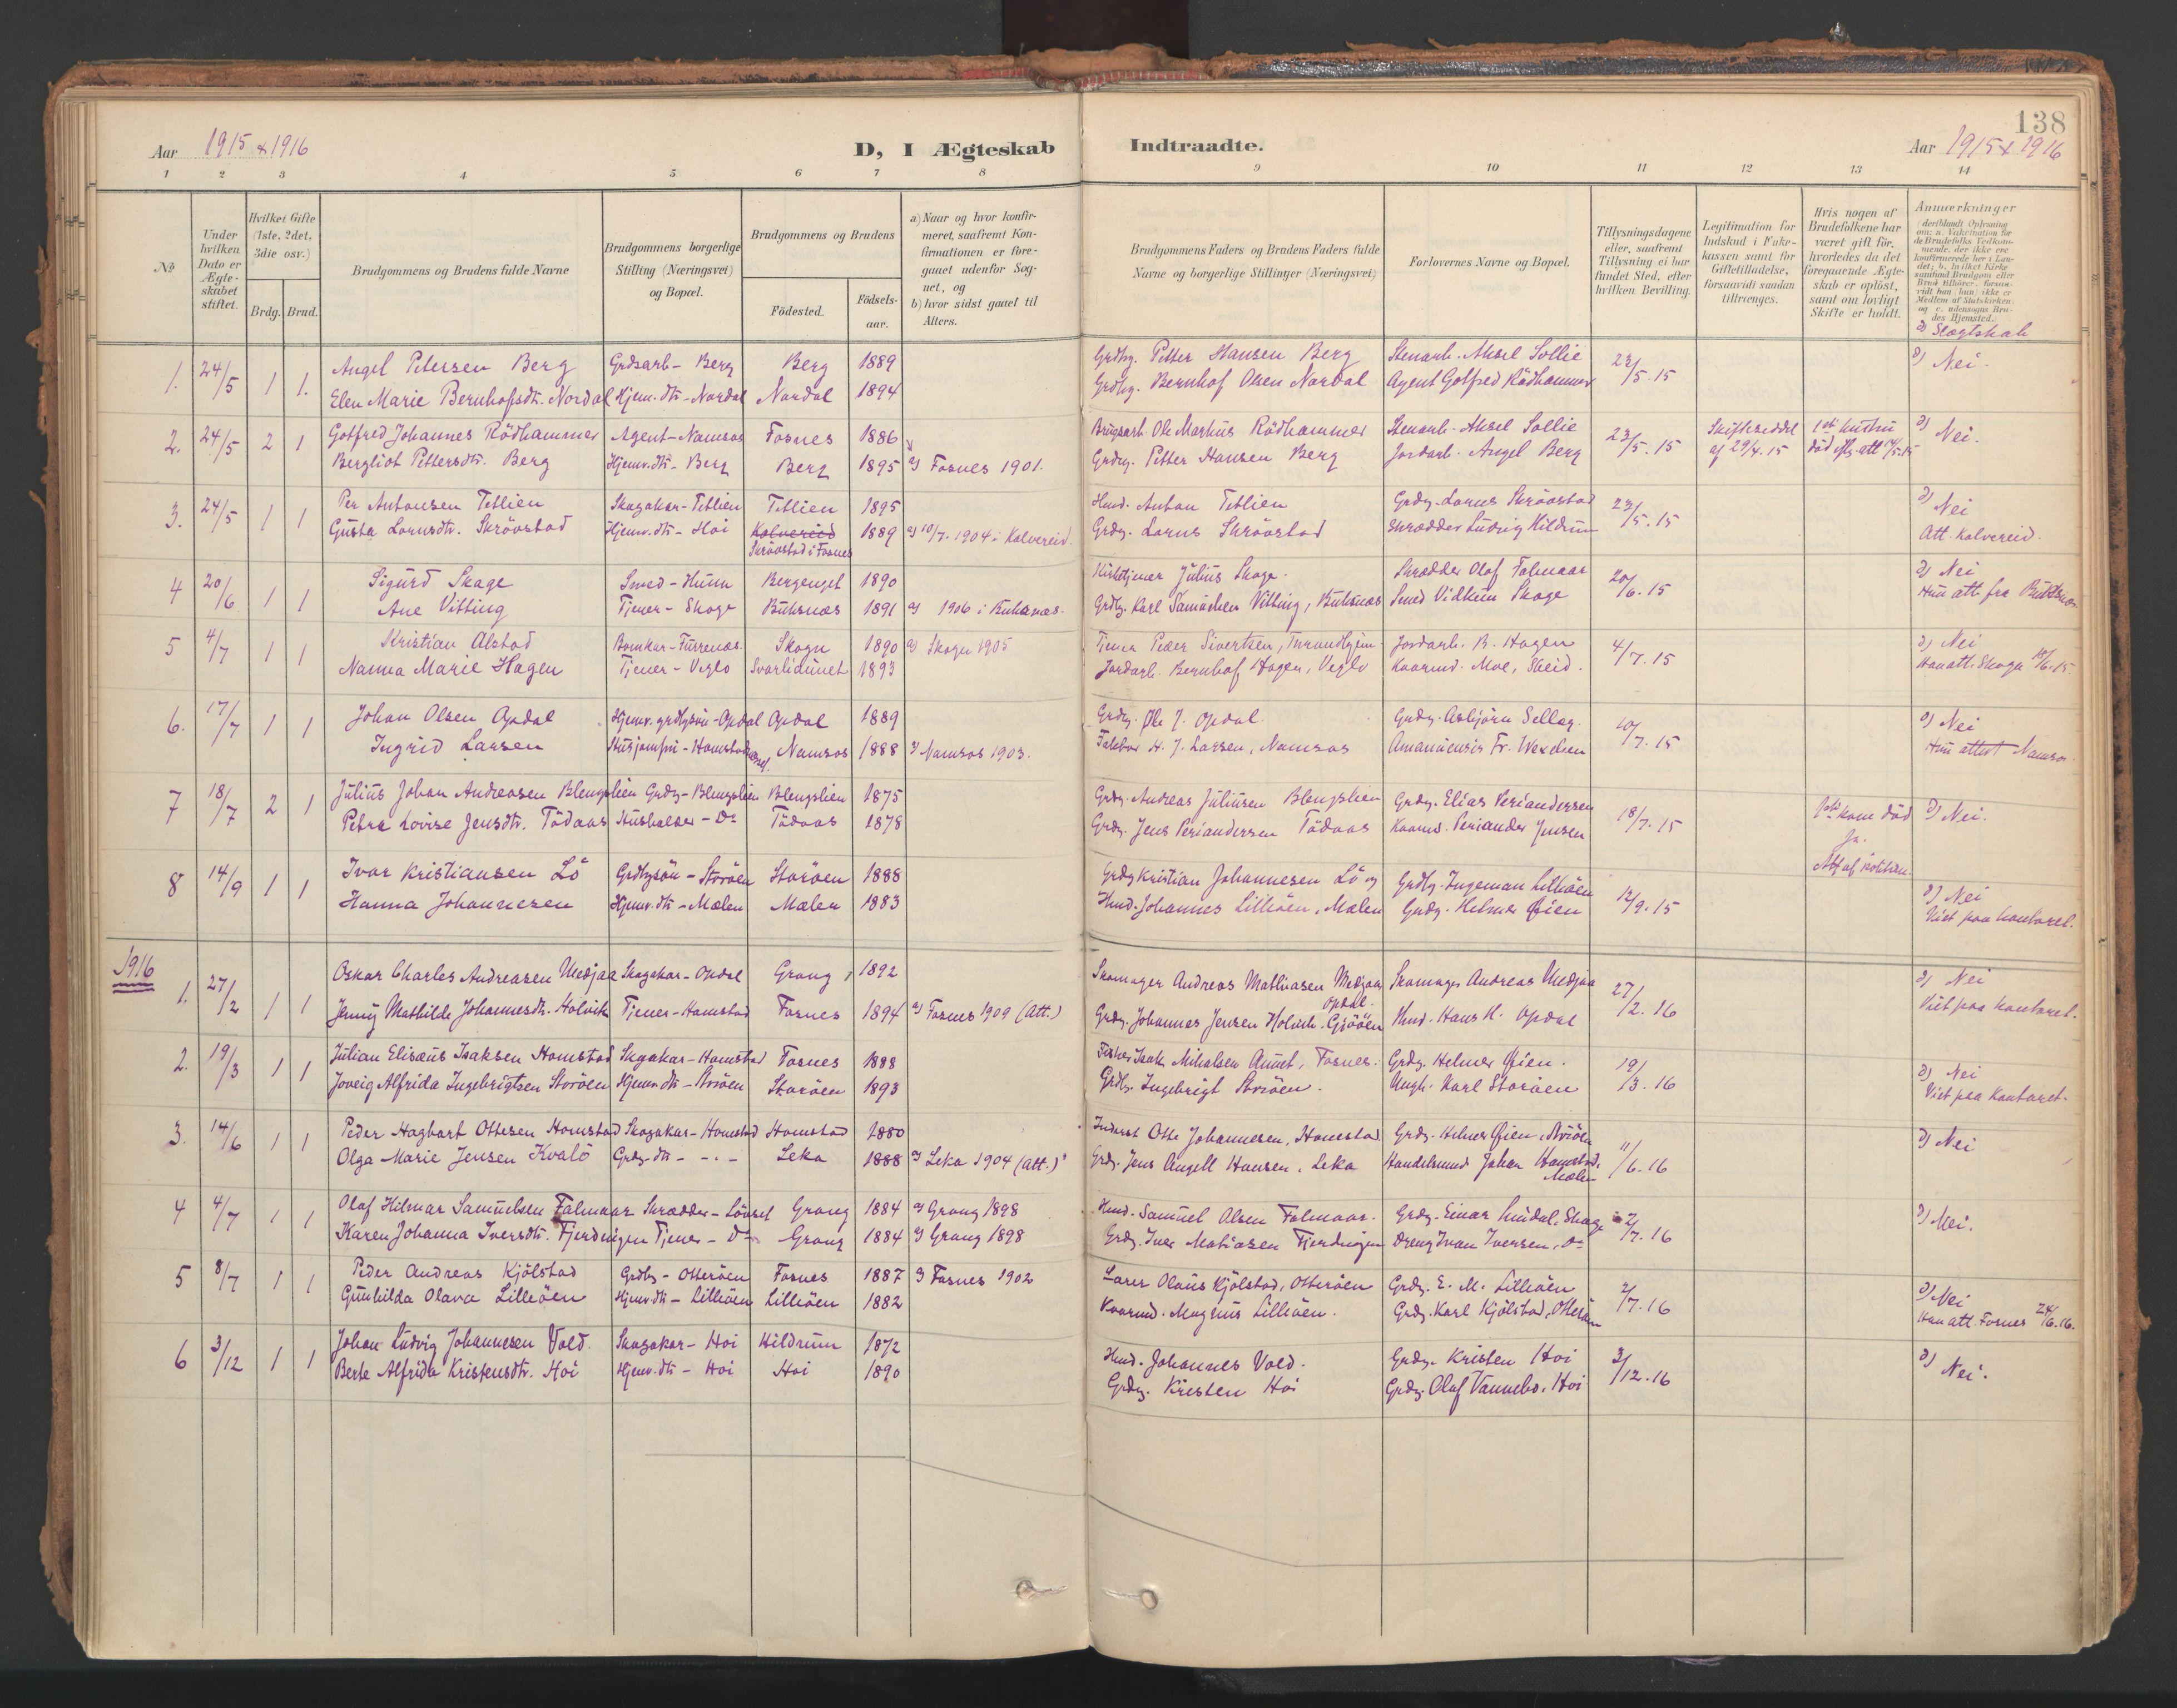 SAT, Ministerialprotokoller, klokkerbøker og fødselsregistre - Nord-Trøndelag, 766/L0564: Ministerialbok nr. 767A02, 1900-1932, s. 138